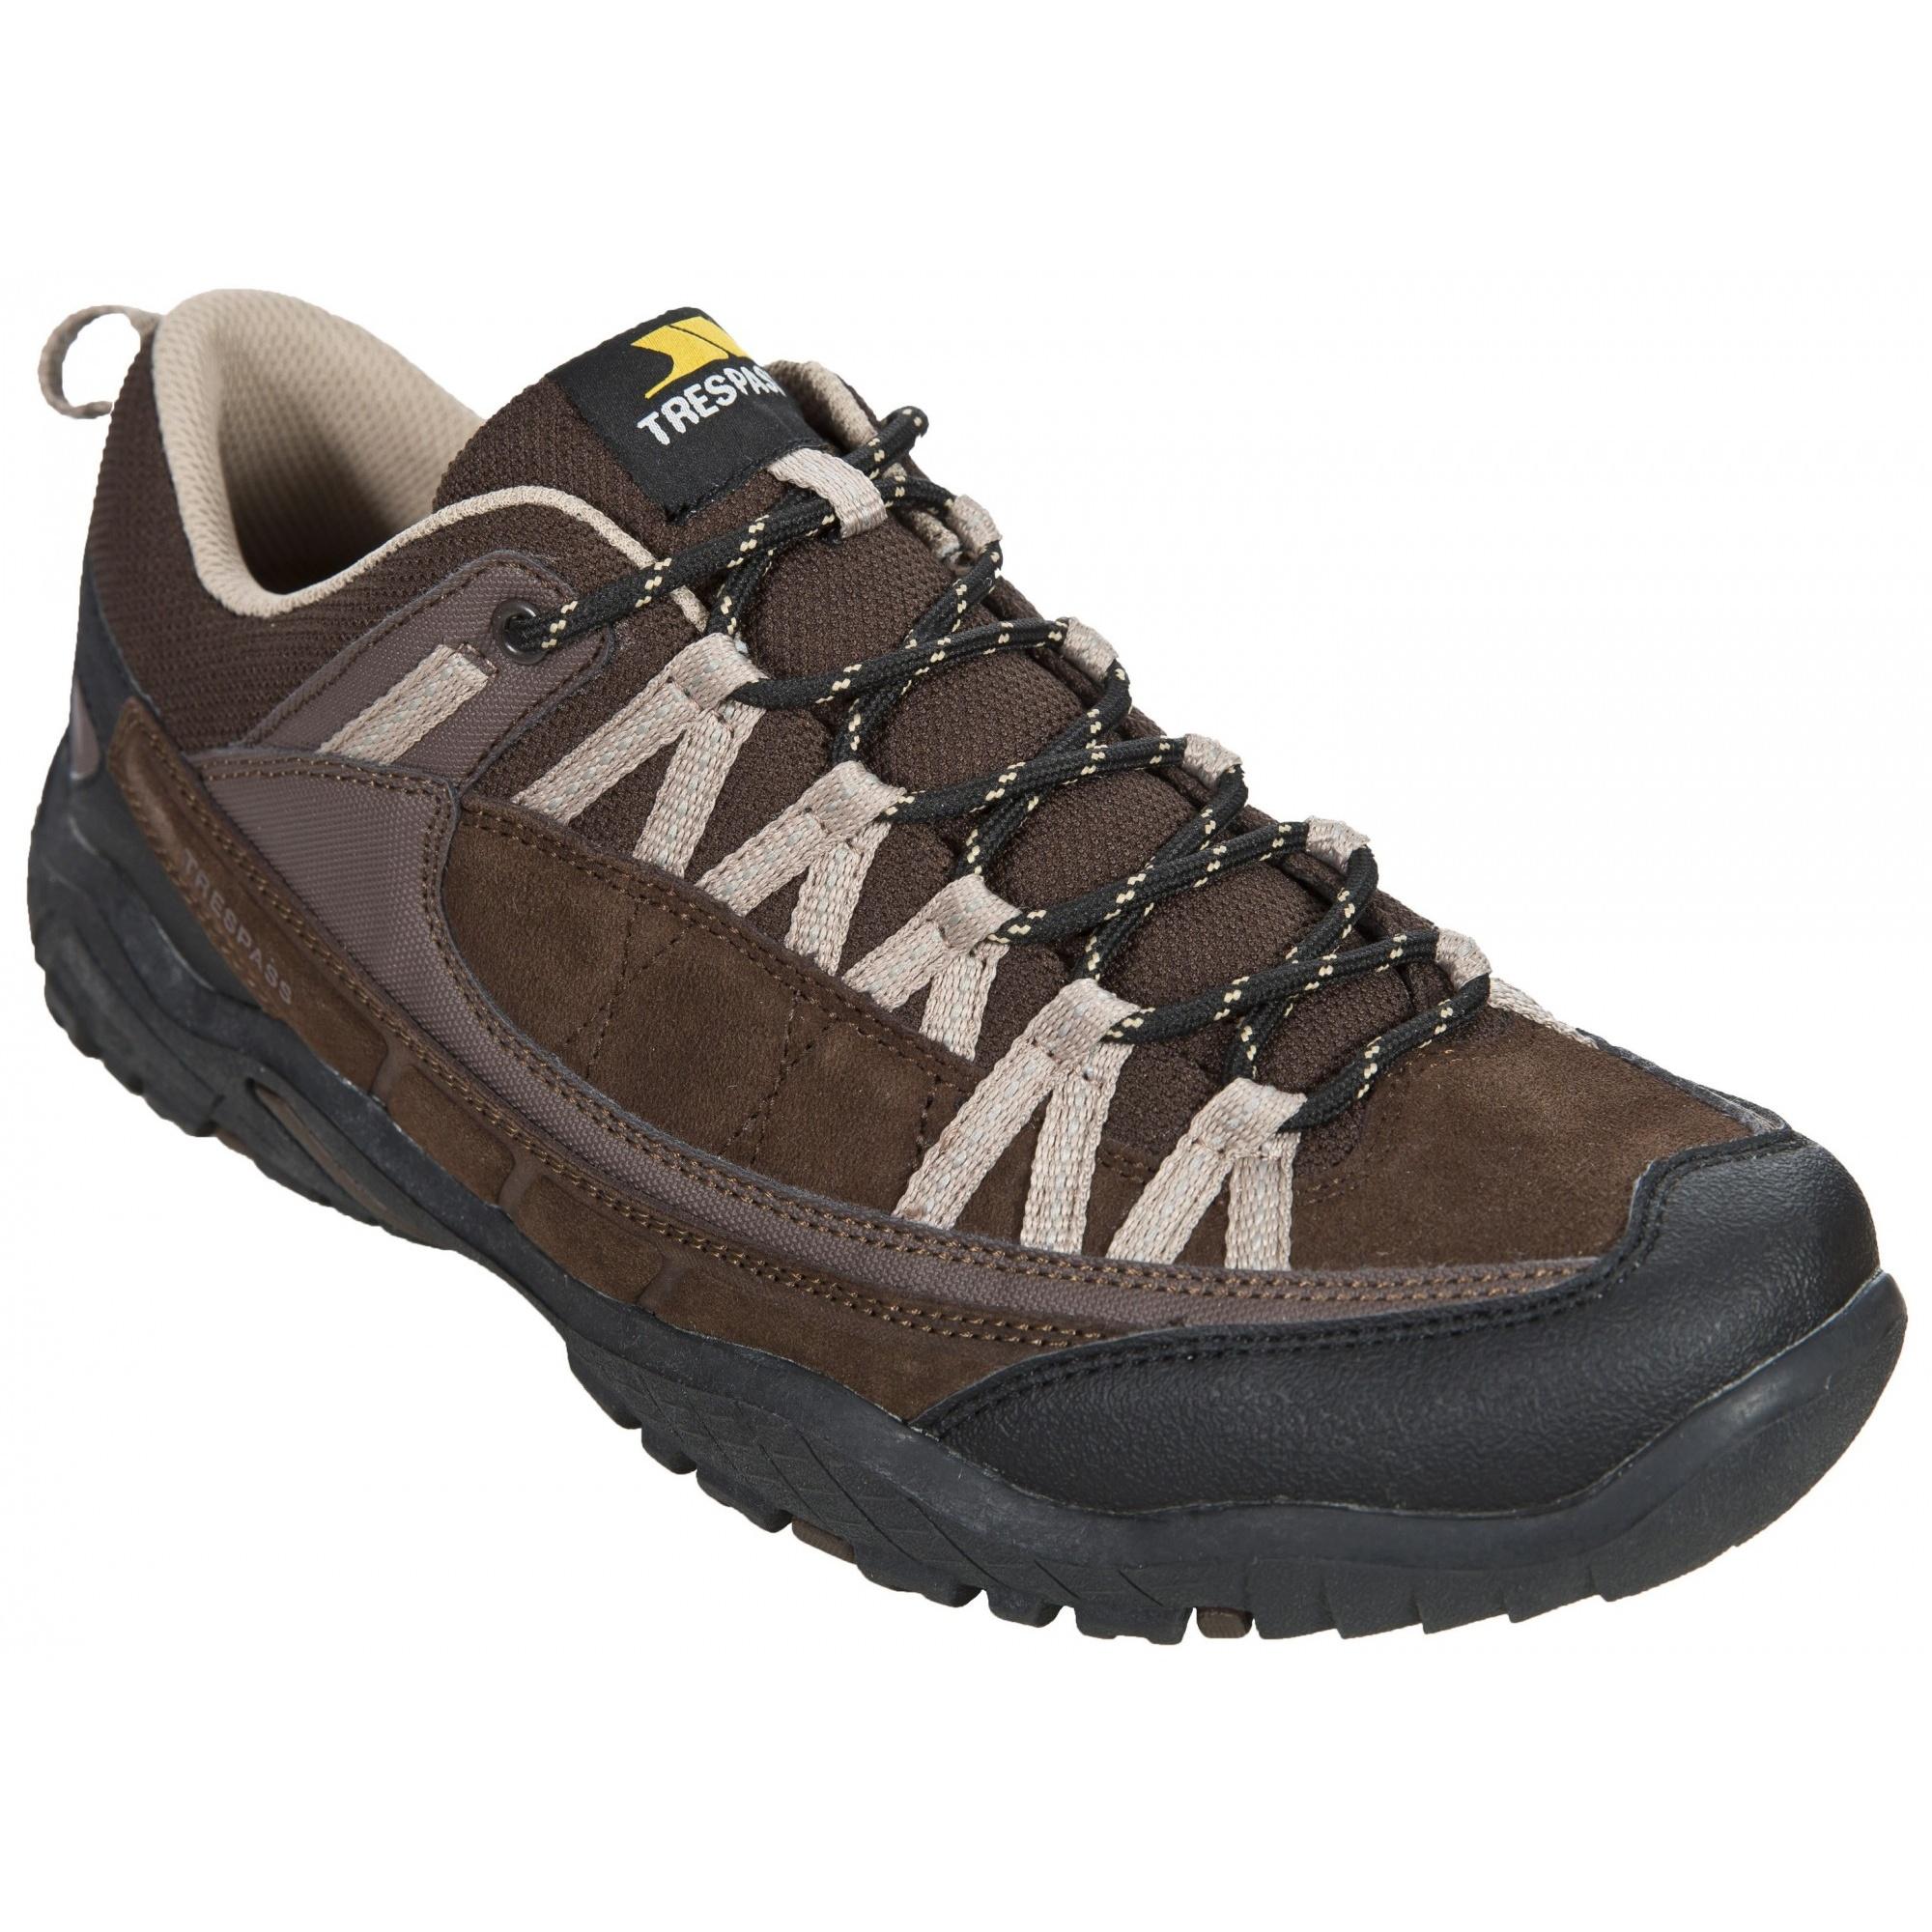 Trespass-Zapatillas-de-senderismo-modelo-Taiga-para-hombre